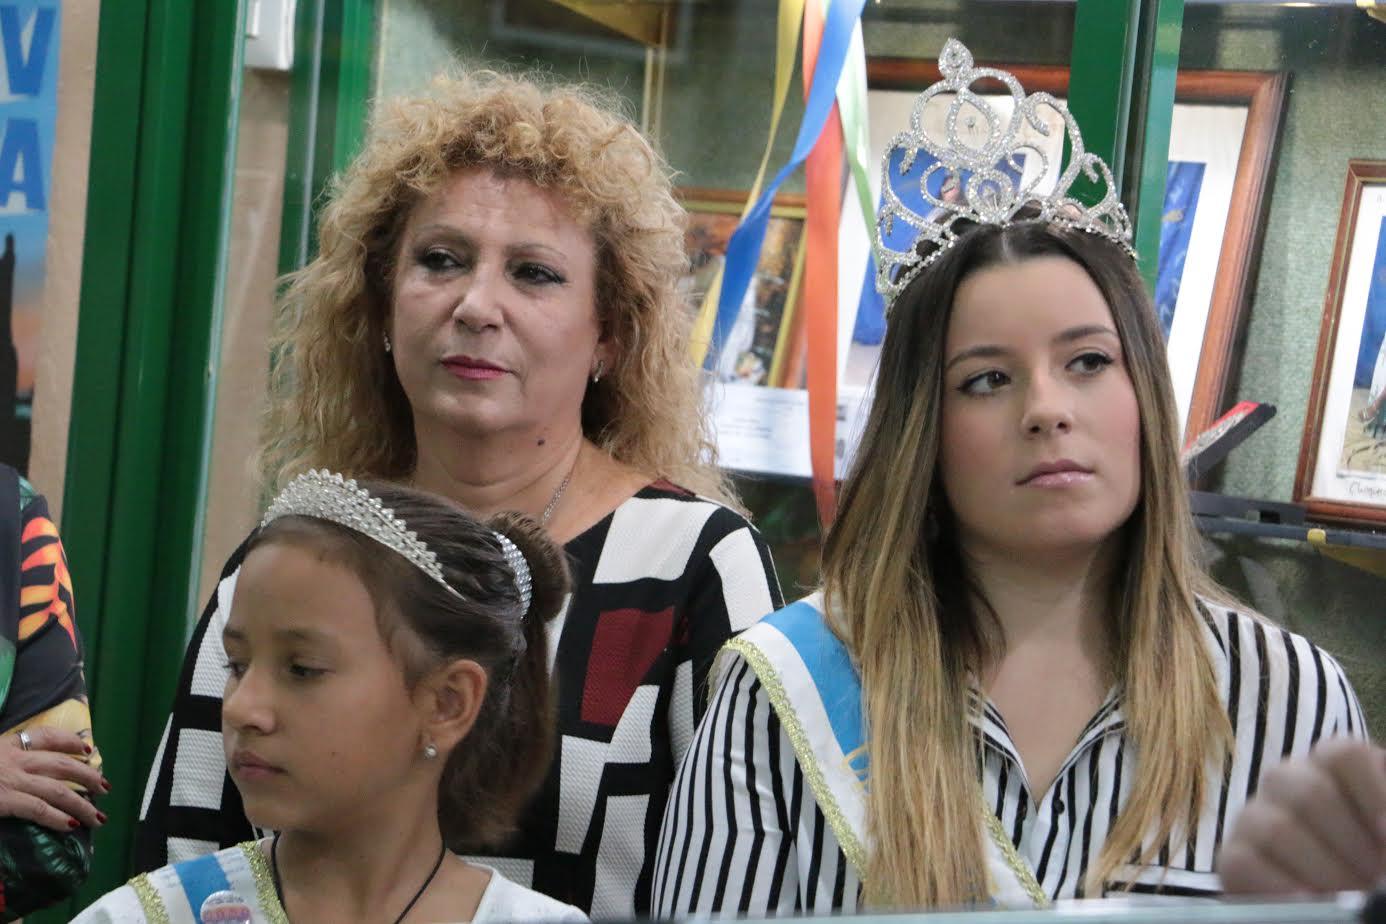 Cinco aspirantes a Choquera Mayor y nueve a Infantil para el Carnaval Colombino 2018 de Huelva